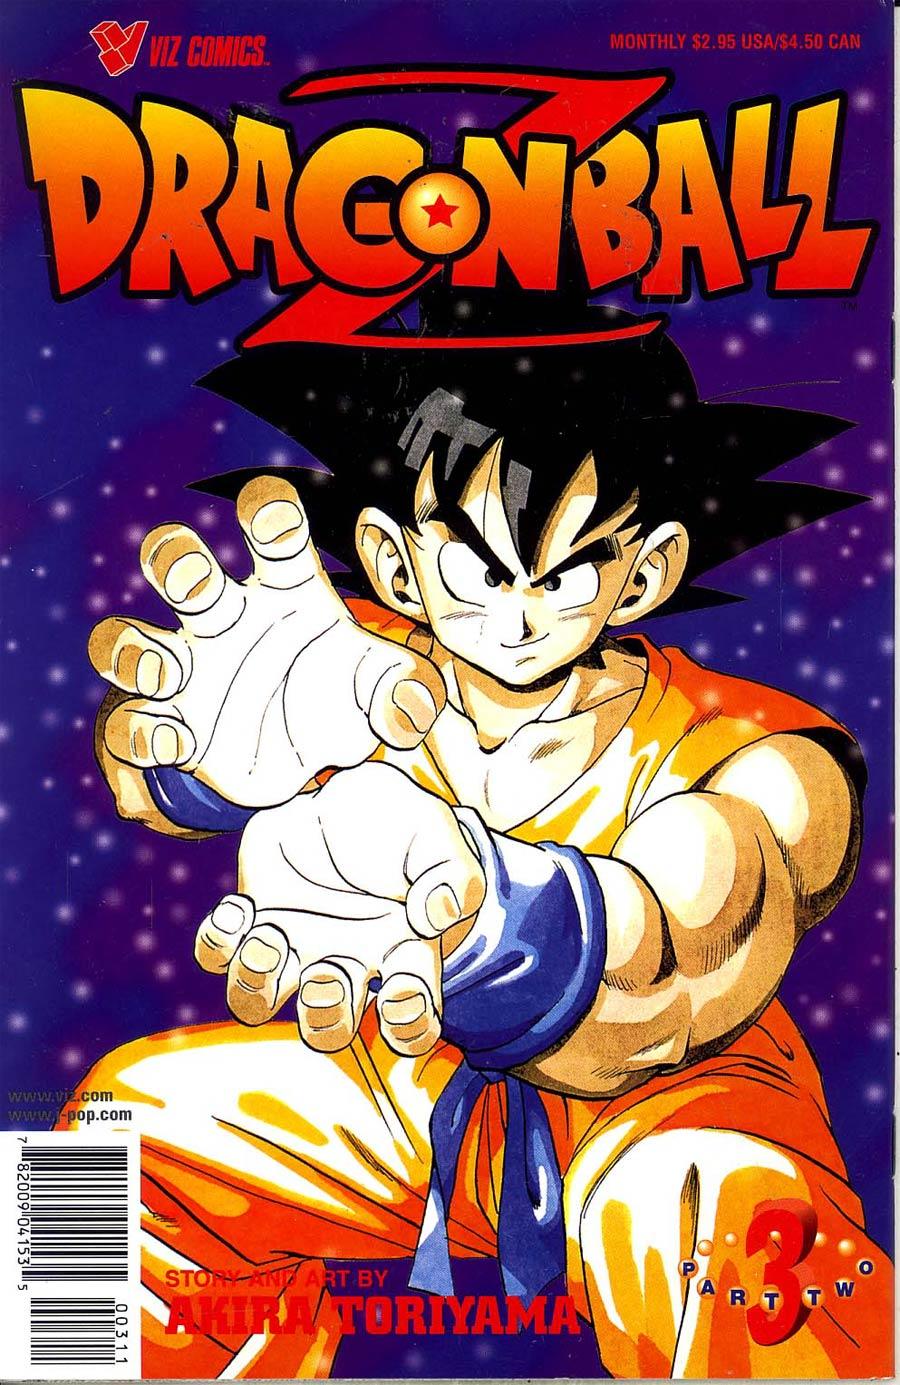 Dragon Ball Z Part 2 #3